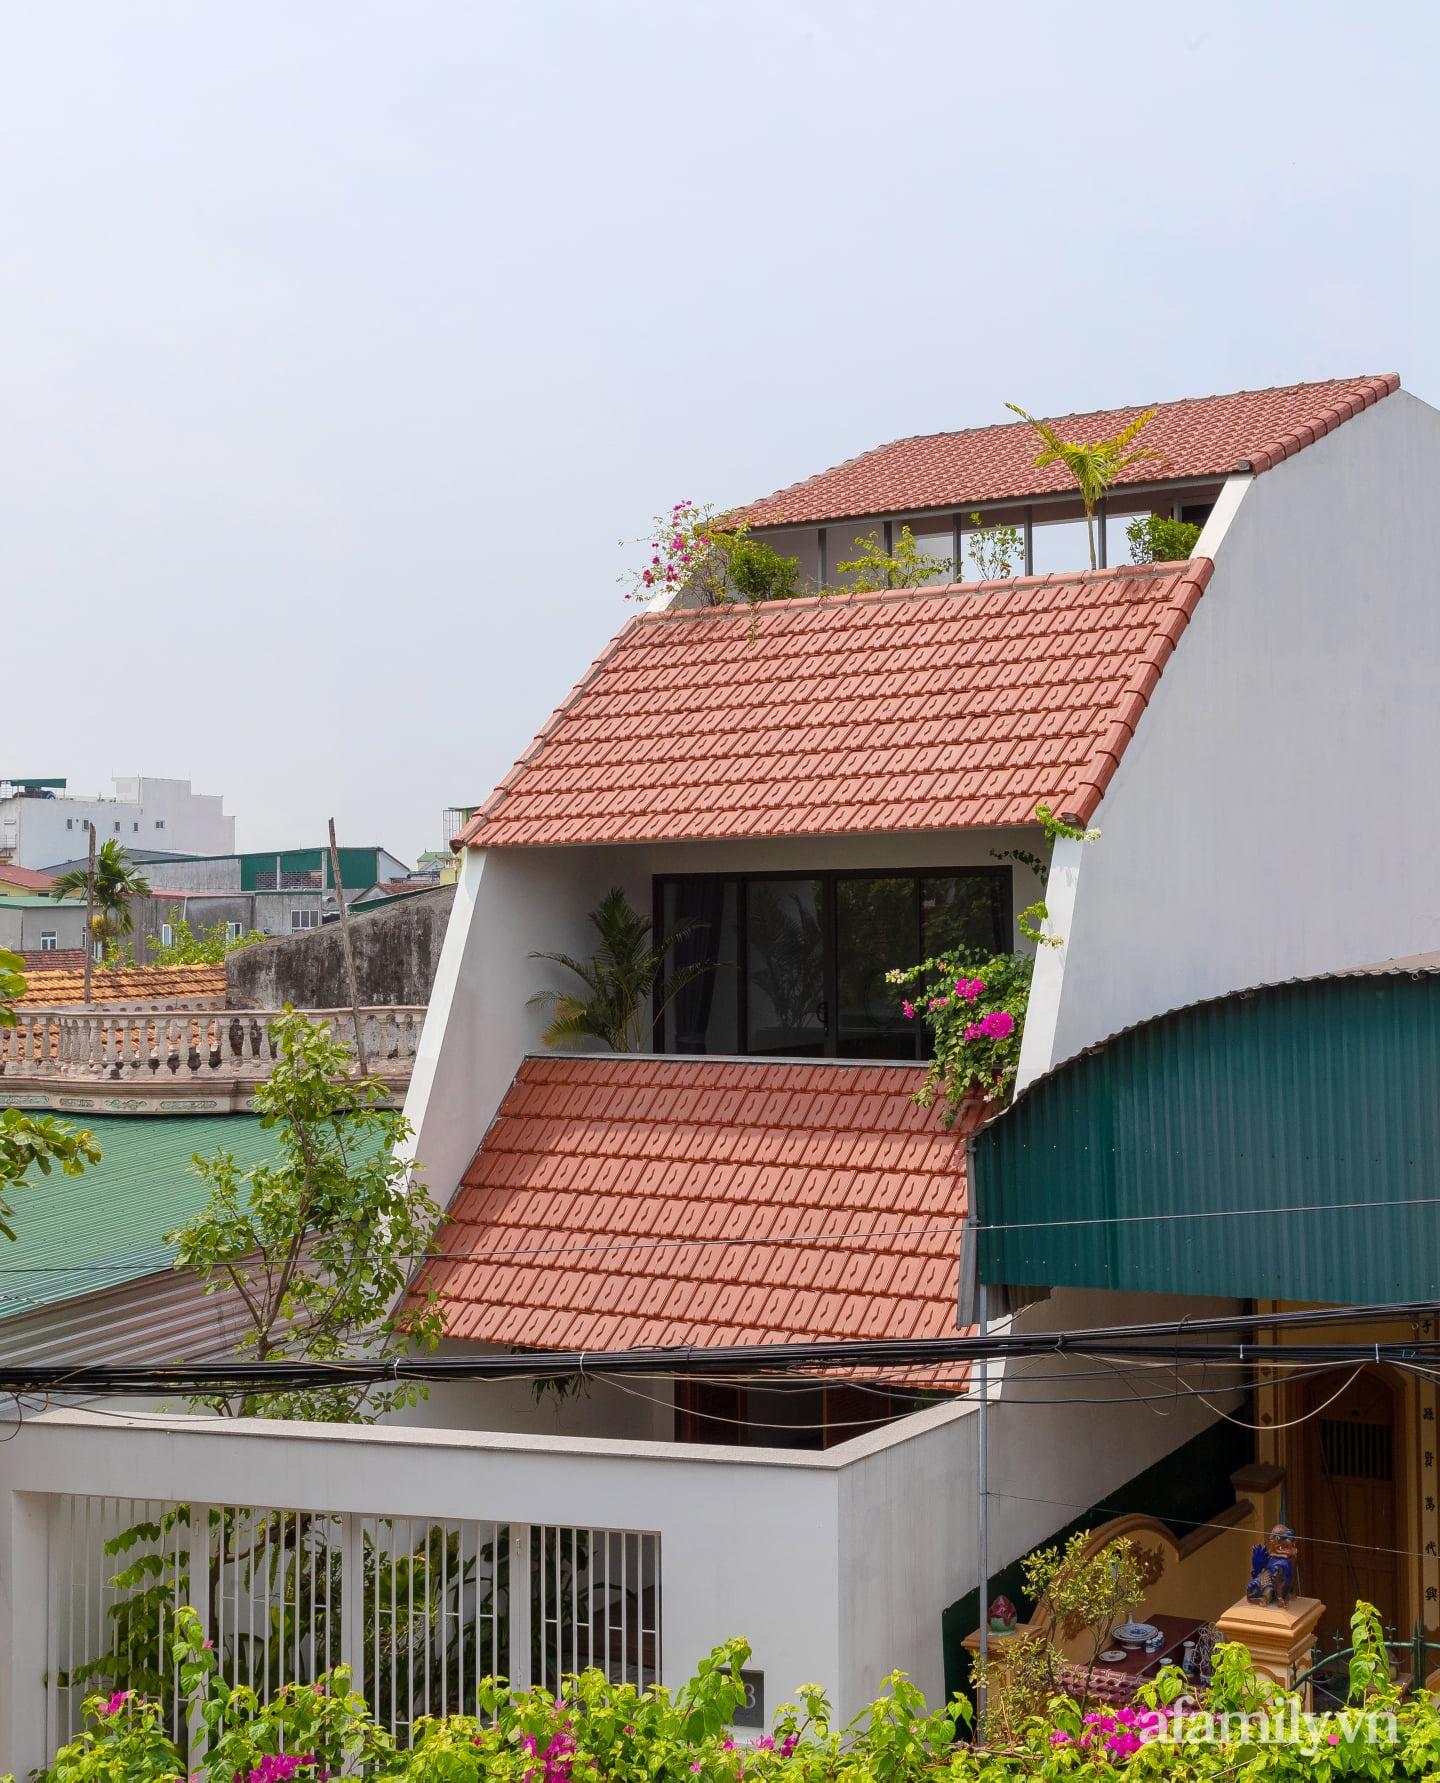 Ngôi nhà ngói gói gọn bình yên với những tiện nghi và hiện đại ở thị trấn nông thôn Nghệ An - Ảnh 4.